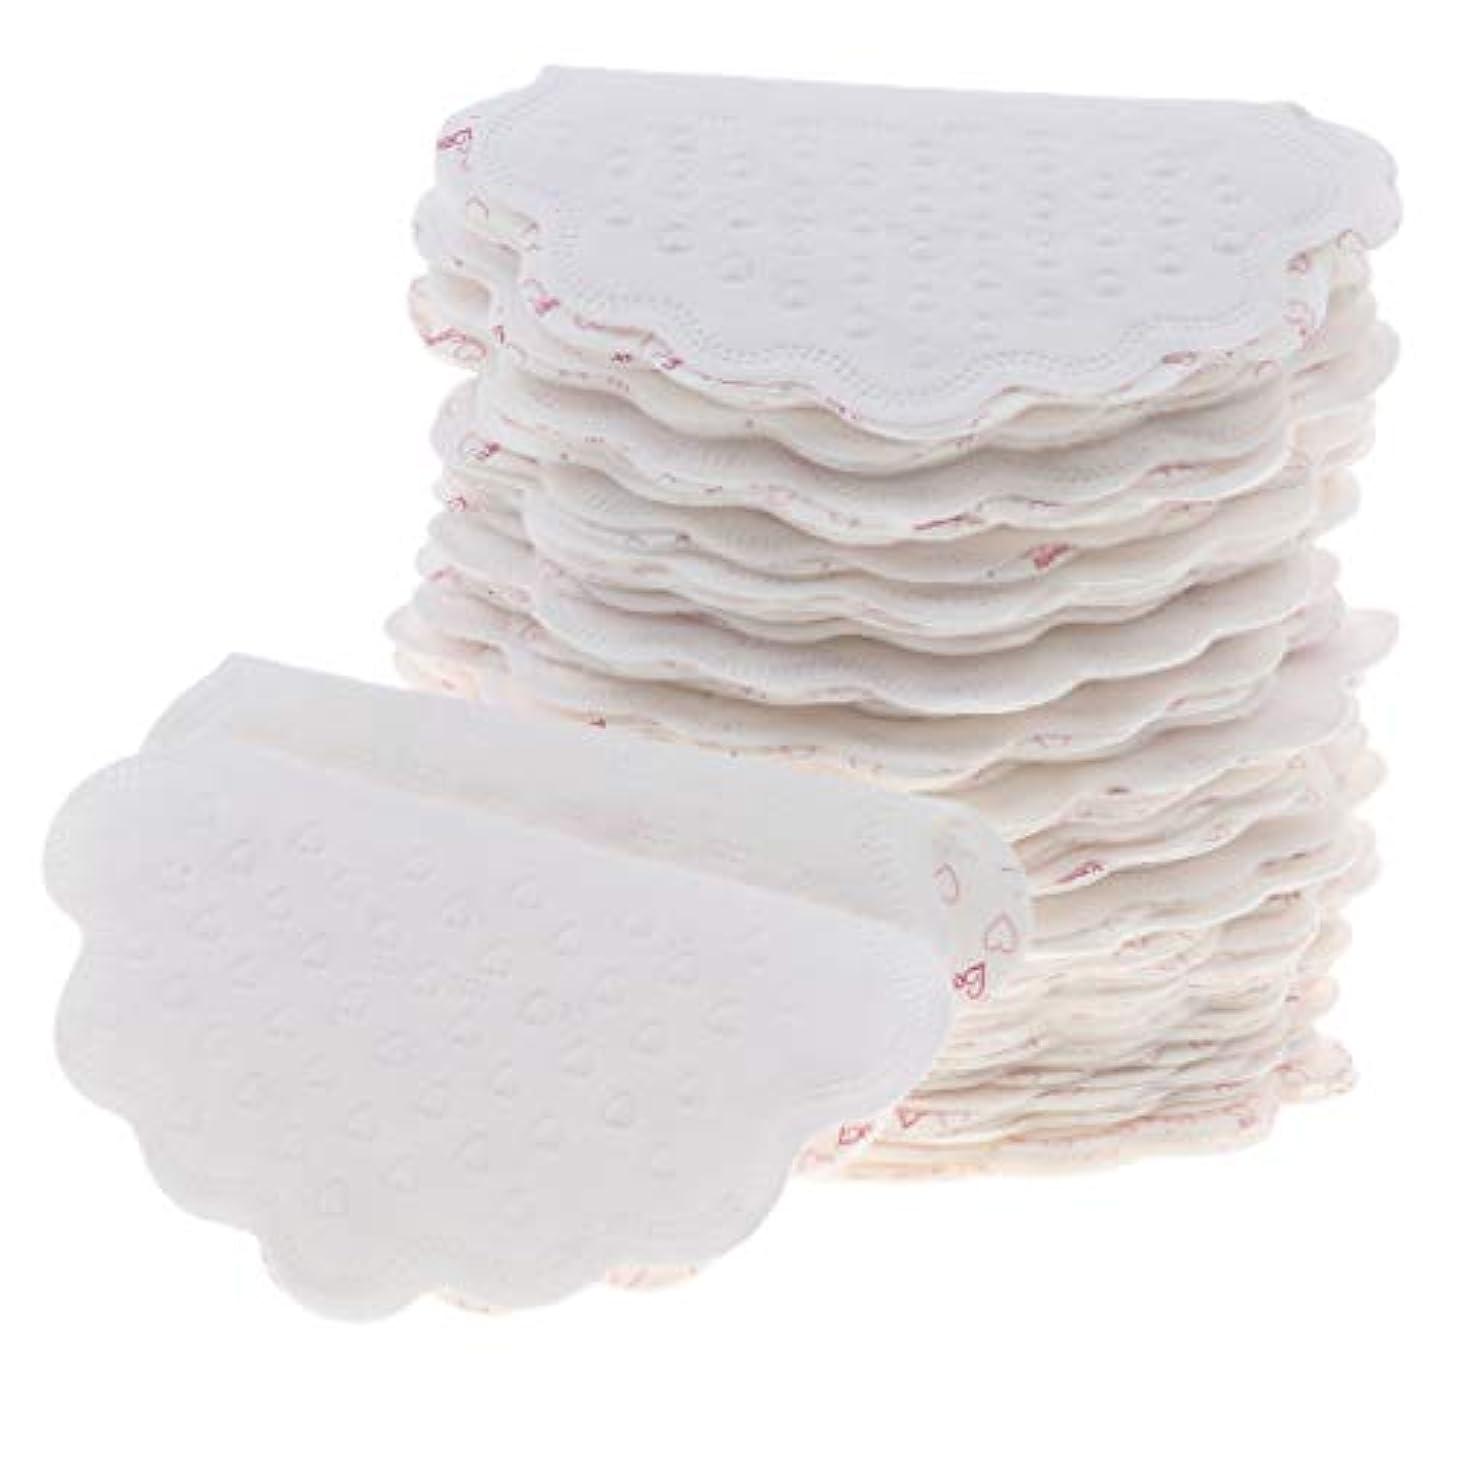 哀浮くモールワキ汗パット 汗取りパッド 使い捨て 吸収 ボディケア 脇の汗染み防止 ユニセックス 全2色 - 白